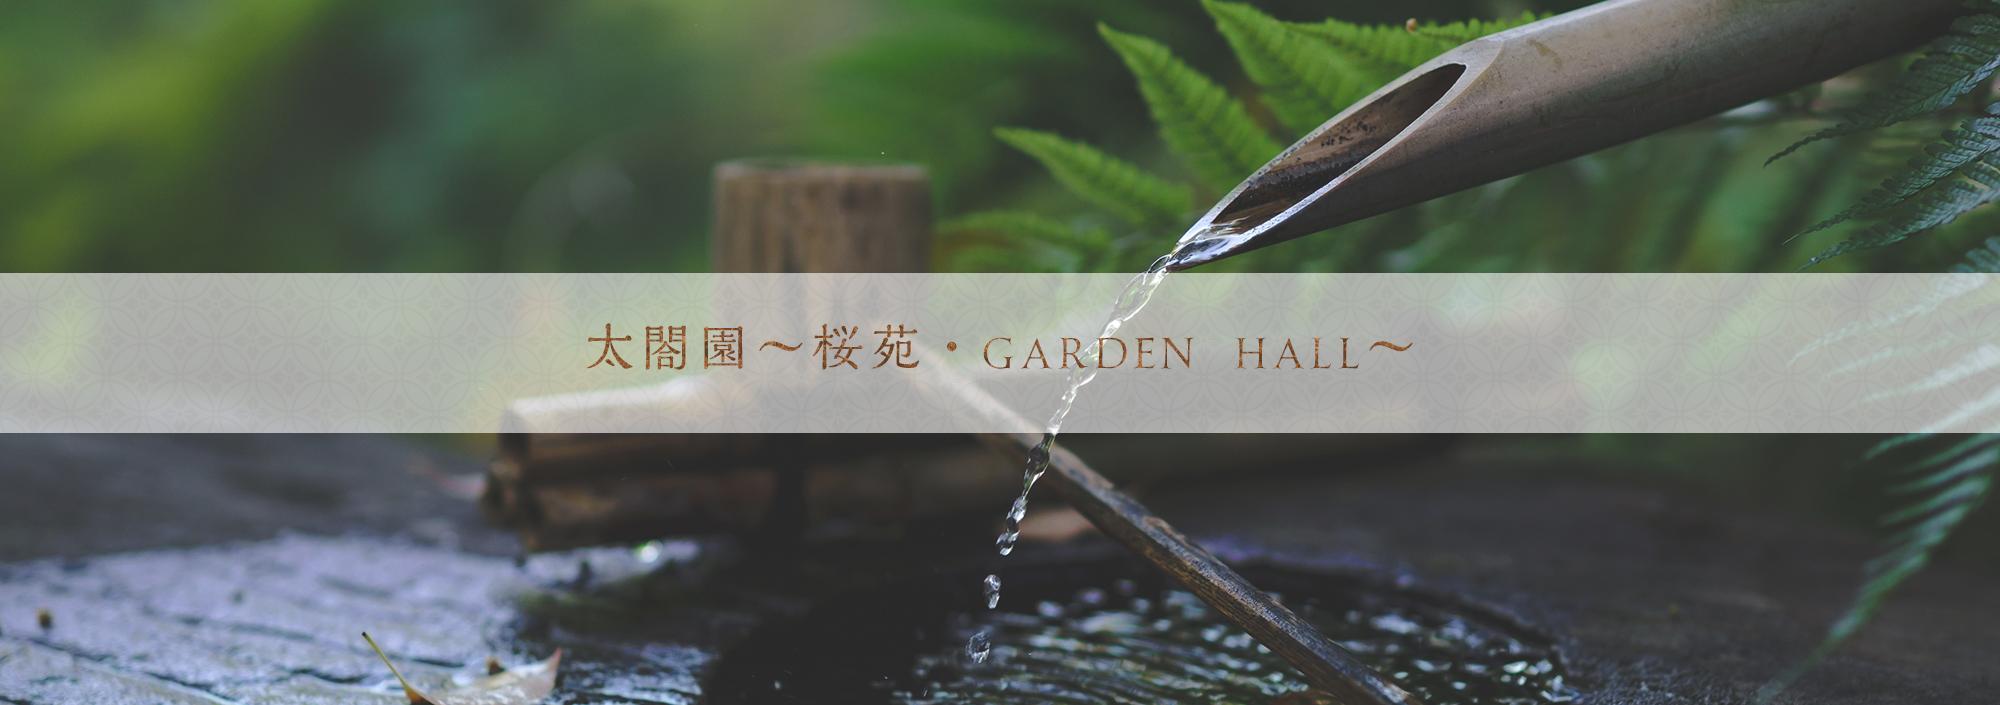 太閤園〜桜苑・GARDEN HALL〜